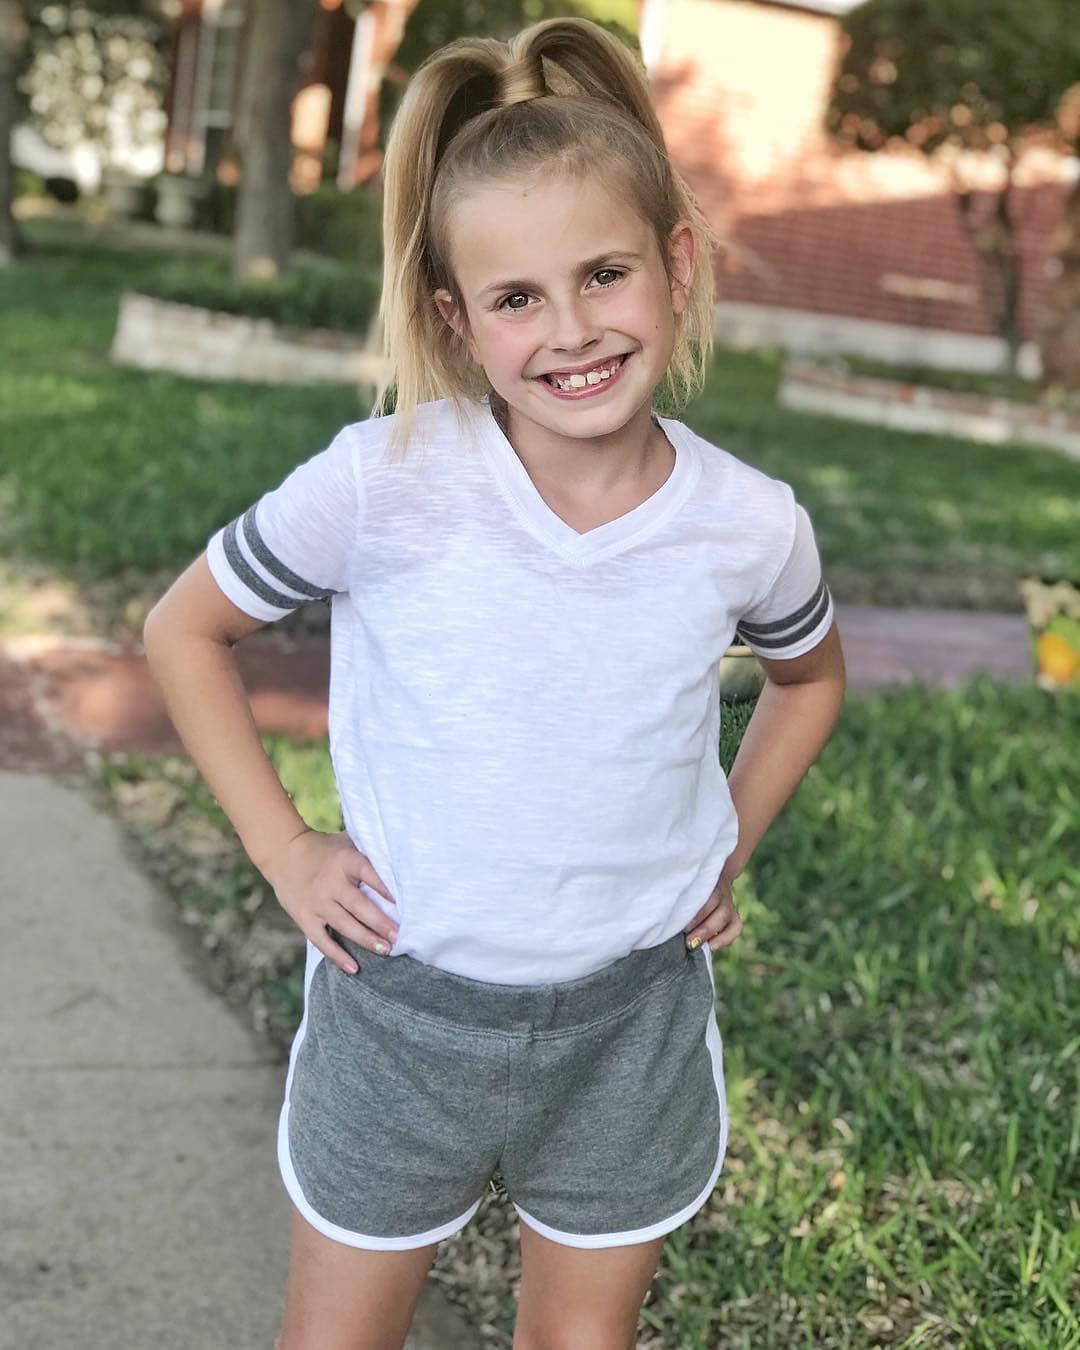 Custom Toddler T Shirts No Minimum - DREAMWORKS